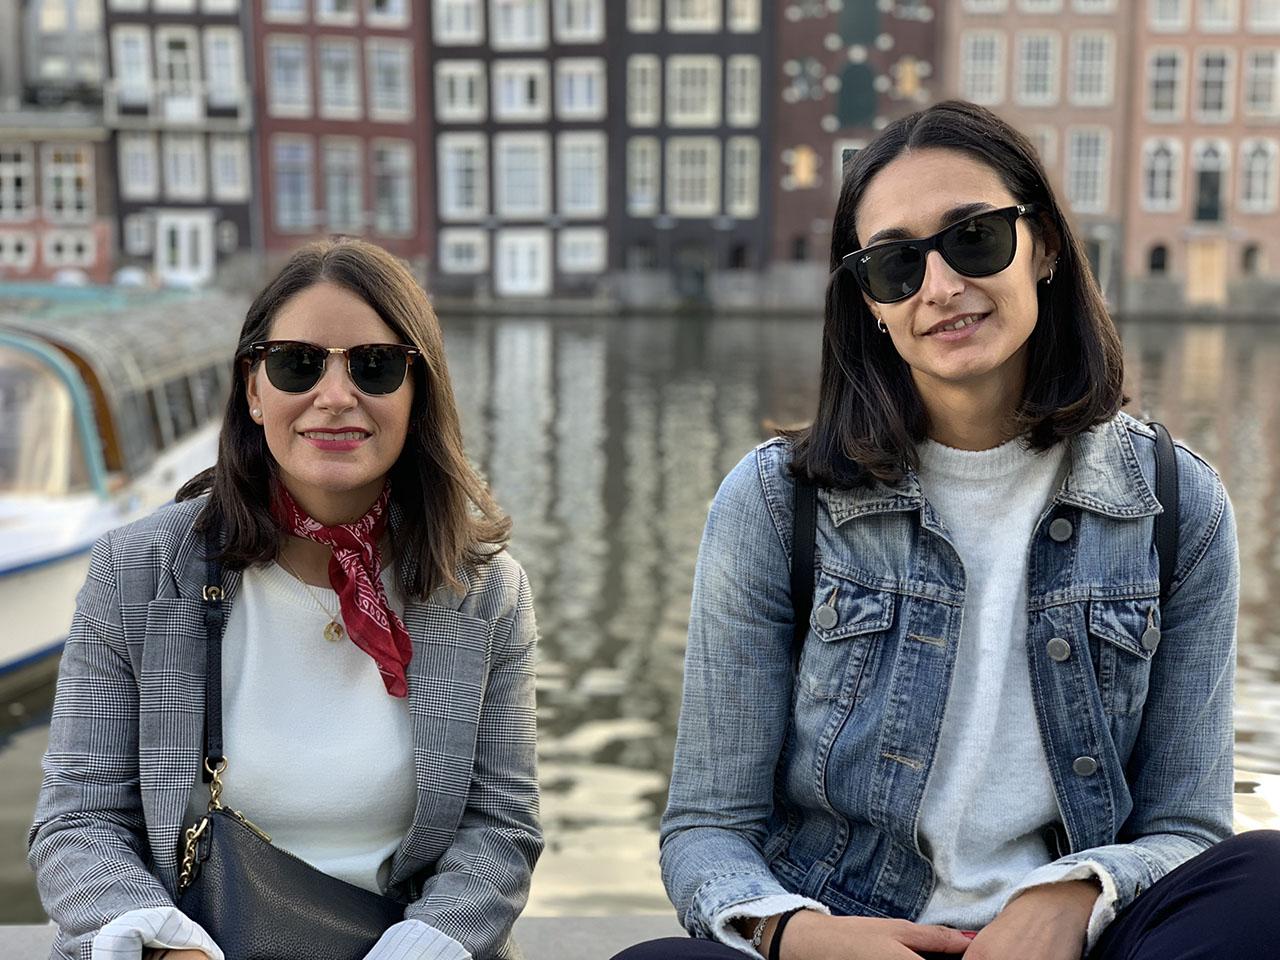 Twee vrouwen, foto gemaakt met iPhone XS Max